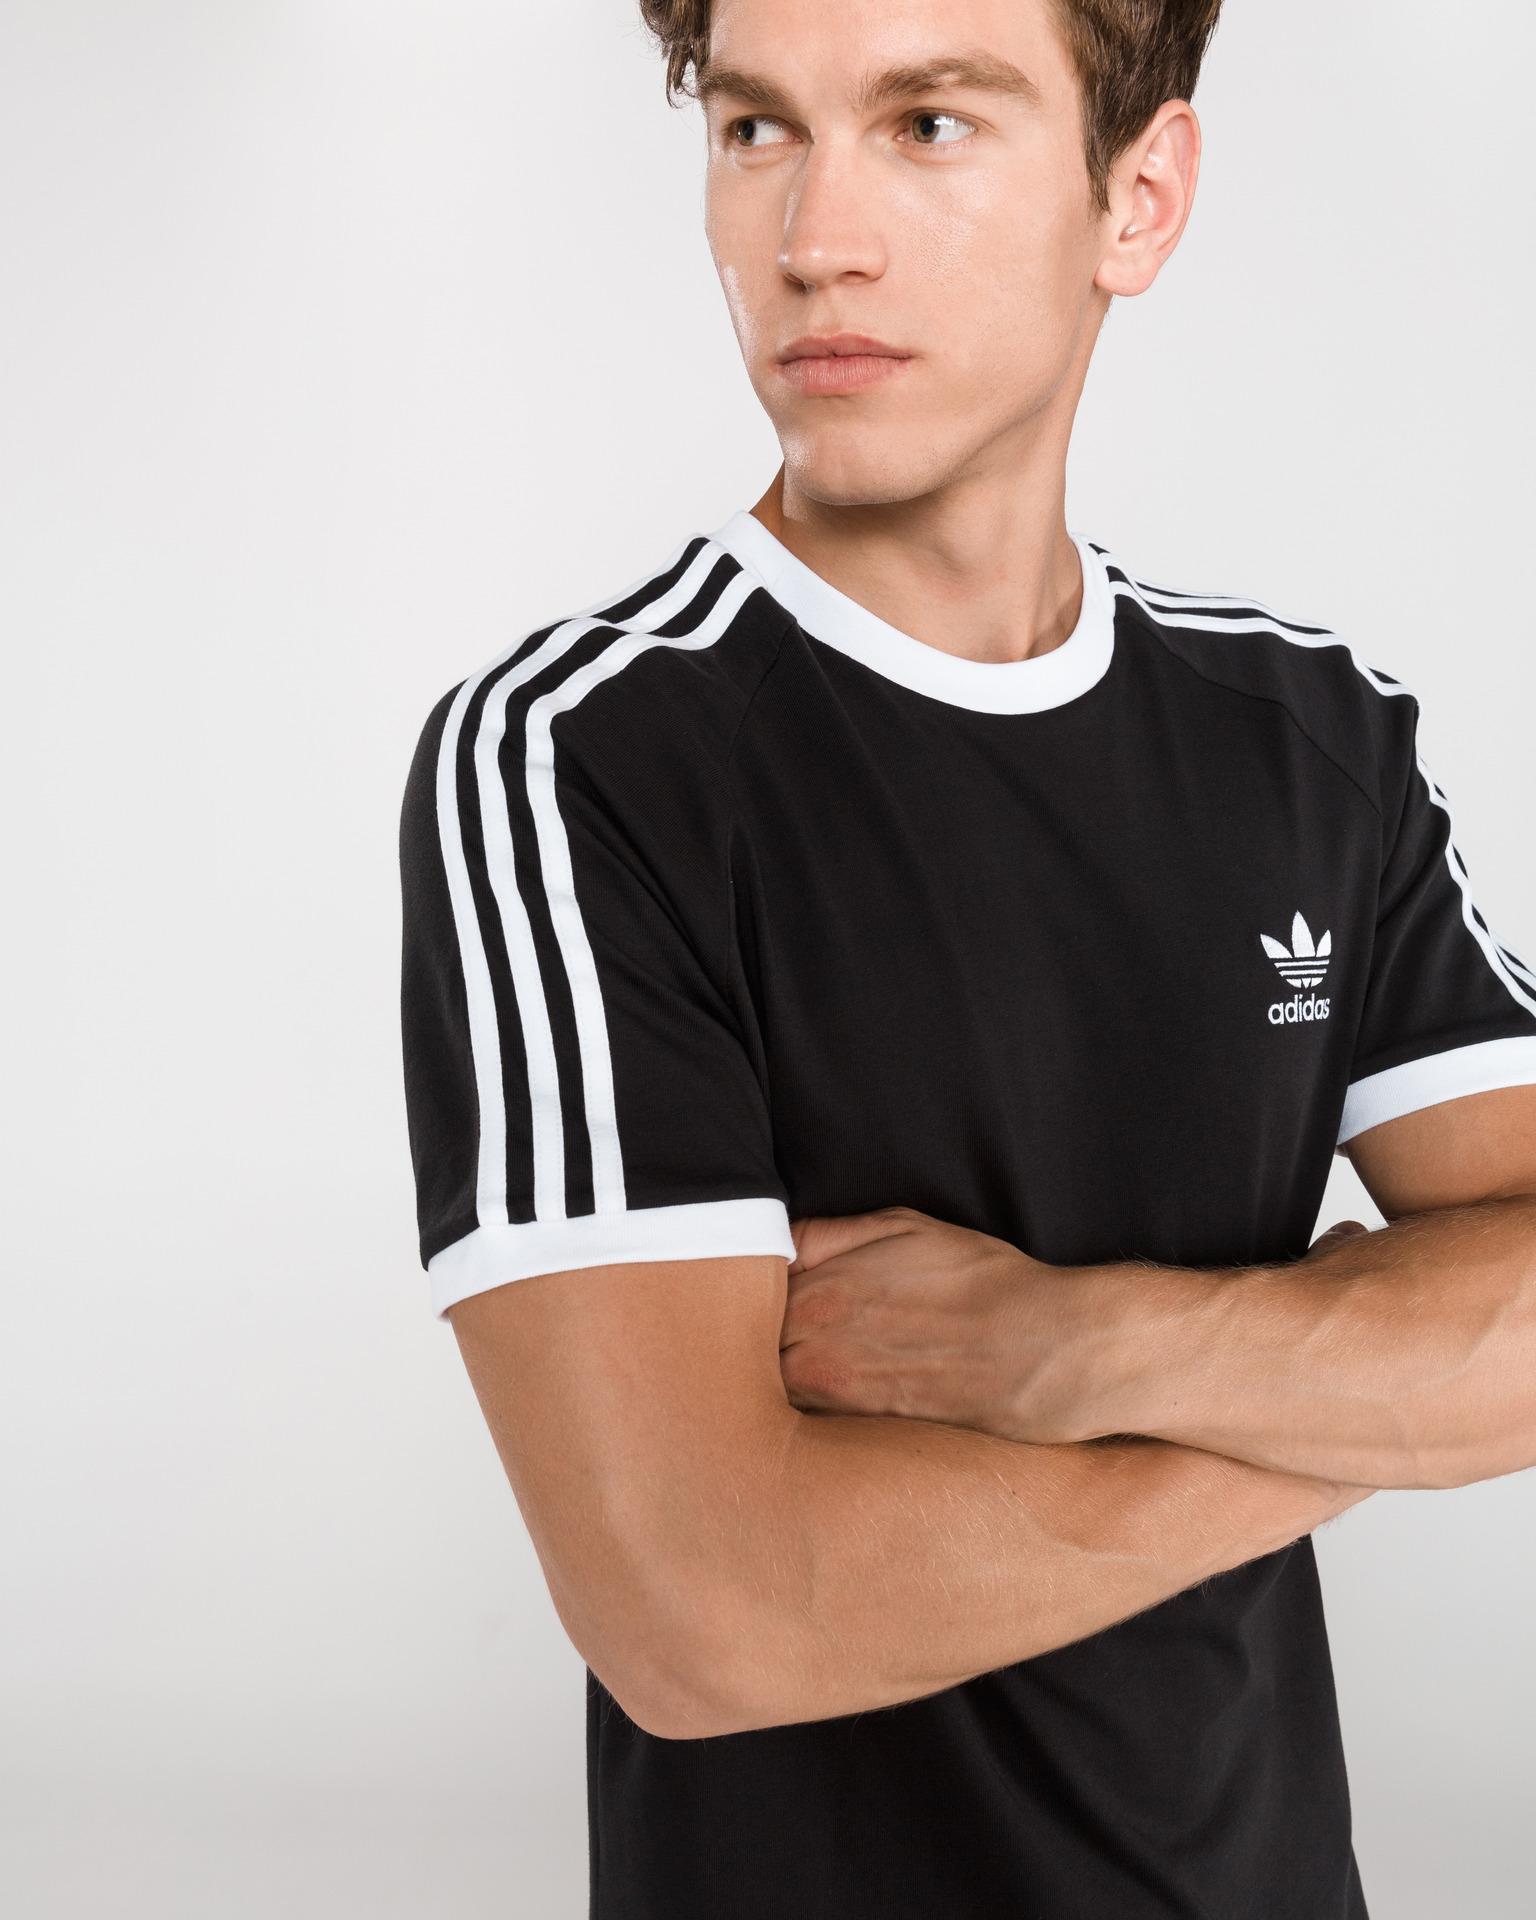 adidas Originals - 3-Stripes T-shirt Bibloo.com